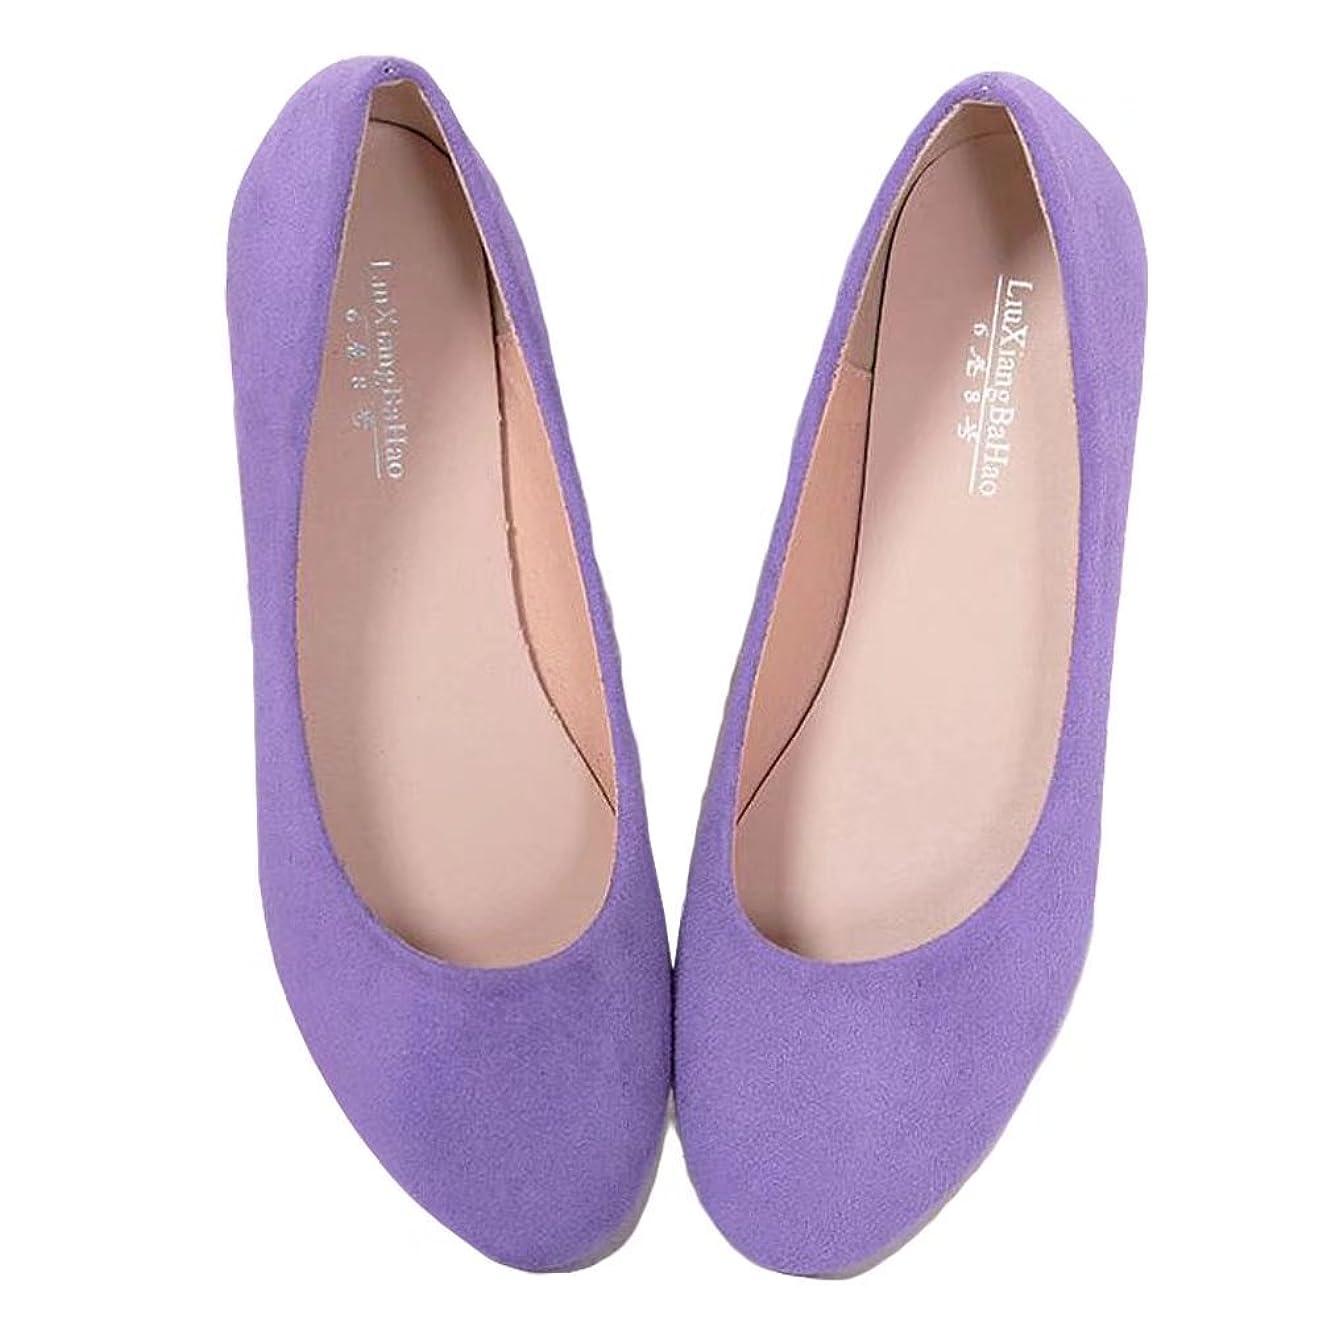 プレゼンターまどろみのある成熟した【ユウエ】パンプス レディース フラットパンプス ローファー ローヒール ぺたんこ フラットシューズ 婦人靴 大きいサイズ 痛くない 014-xz-668-1(38 パープル)